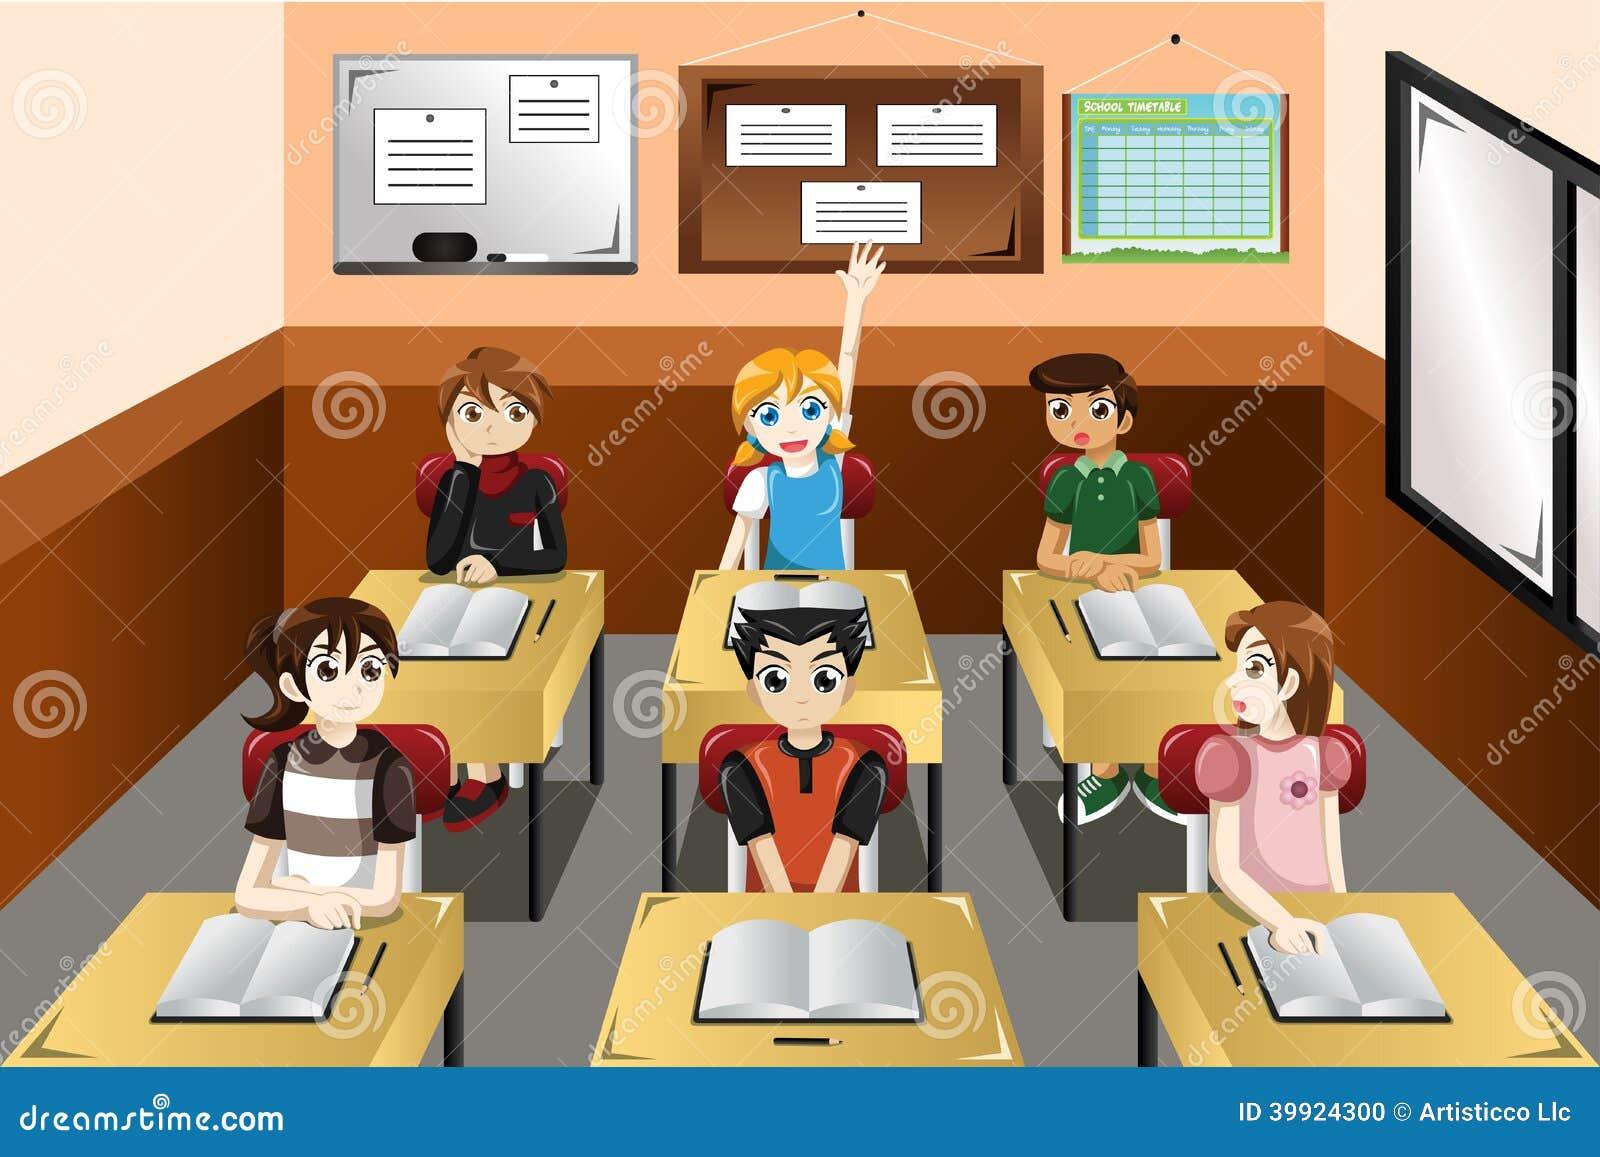 Kids In Classroom Stock Vector - Image: 39924300